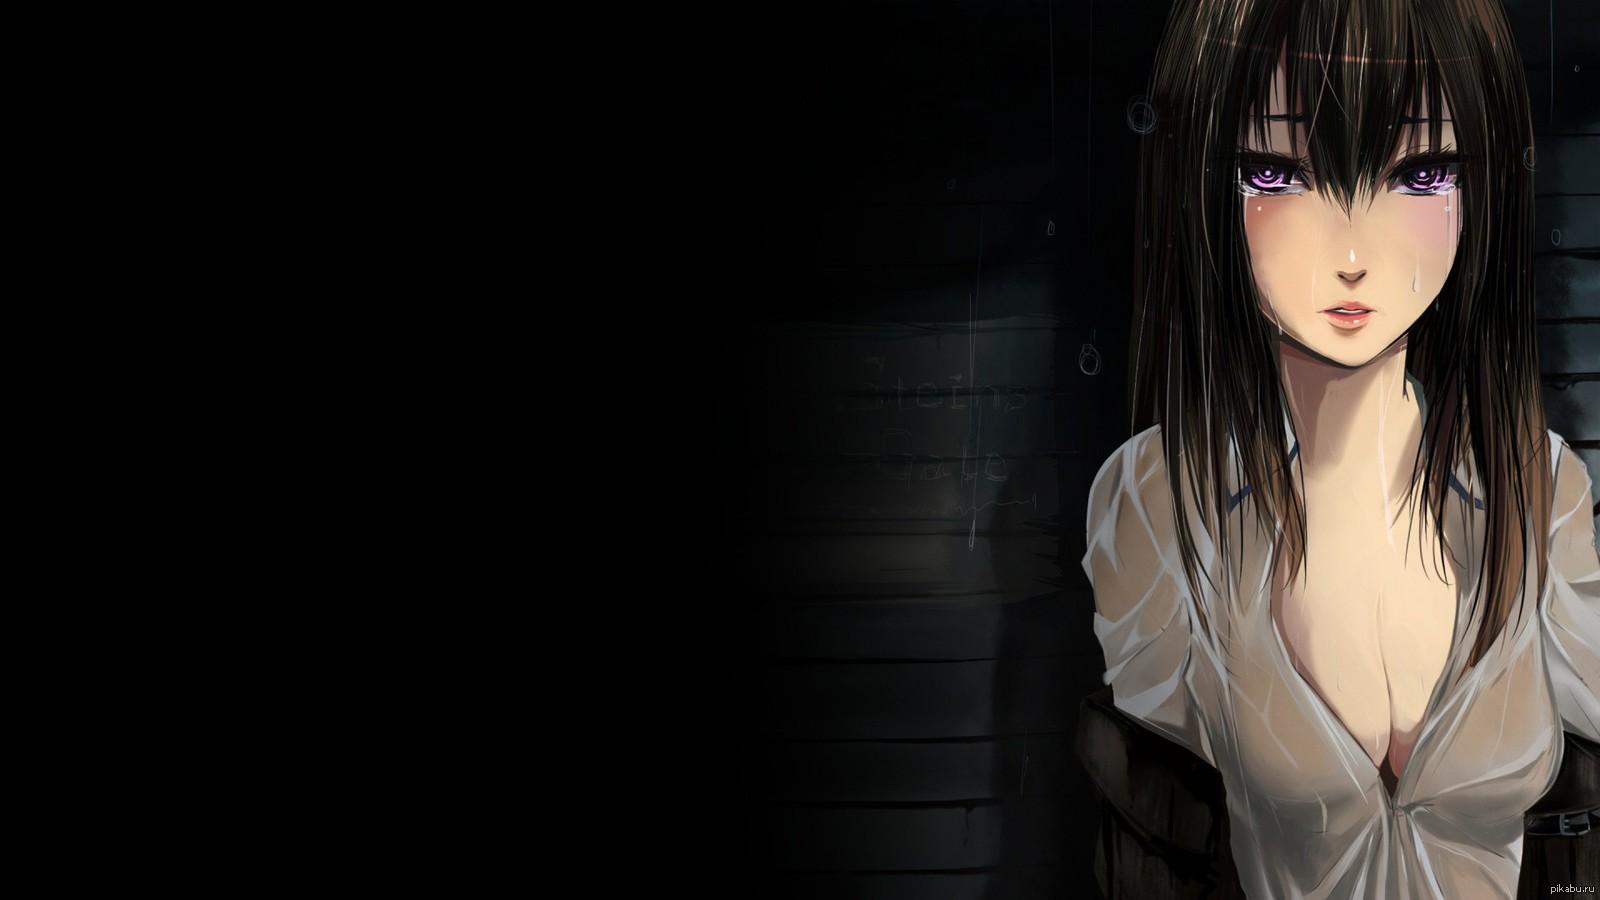 картинки на девушки на раб стол